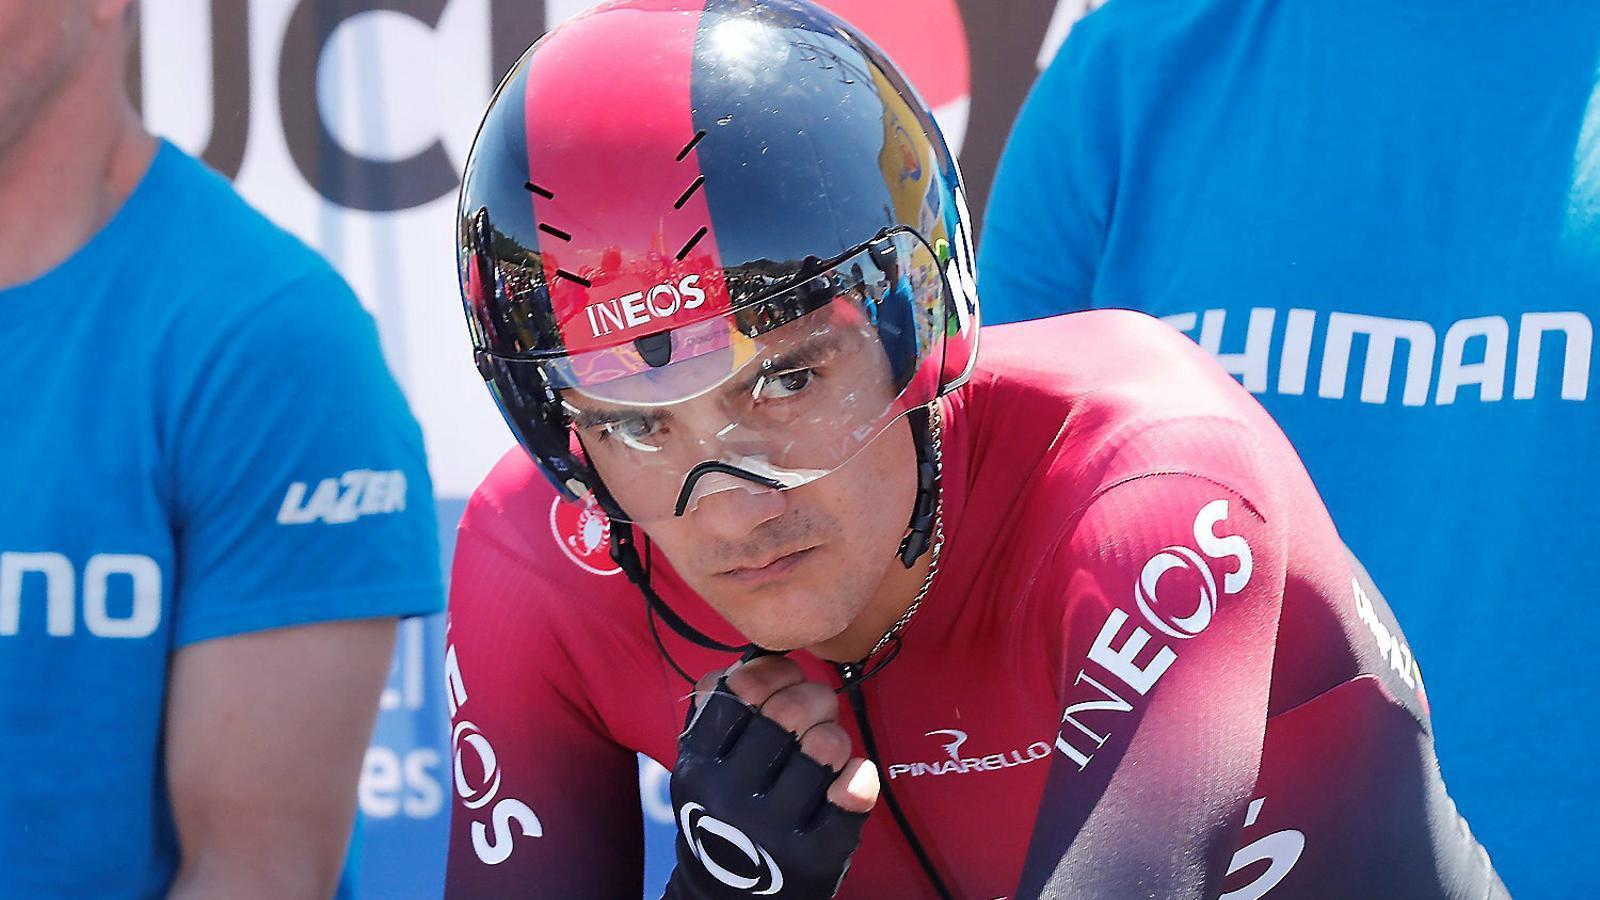 Carapaz, aquí en una imatge recent, va guanyar l'últim Giro.